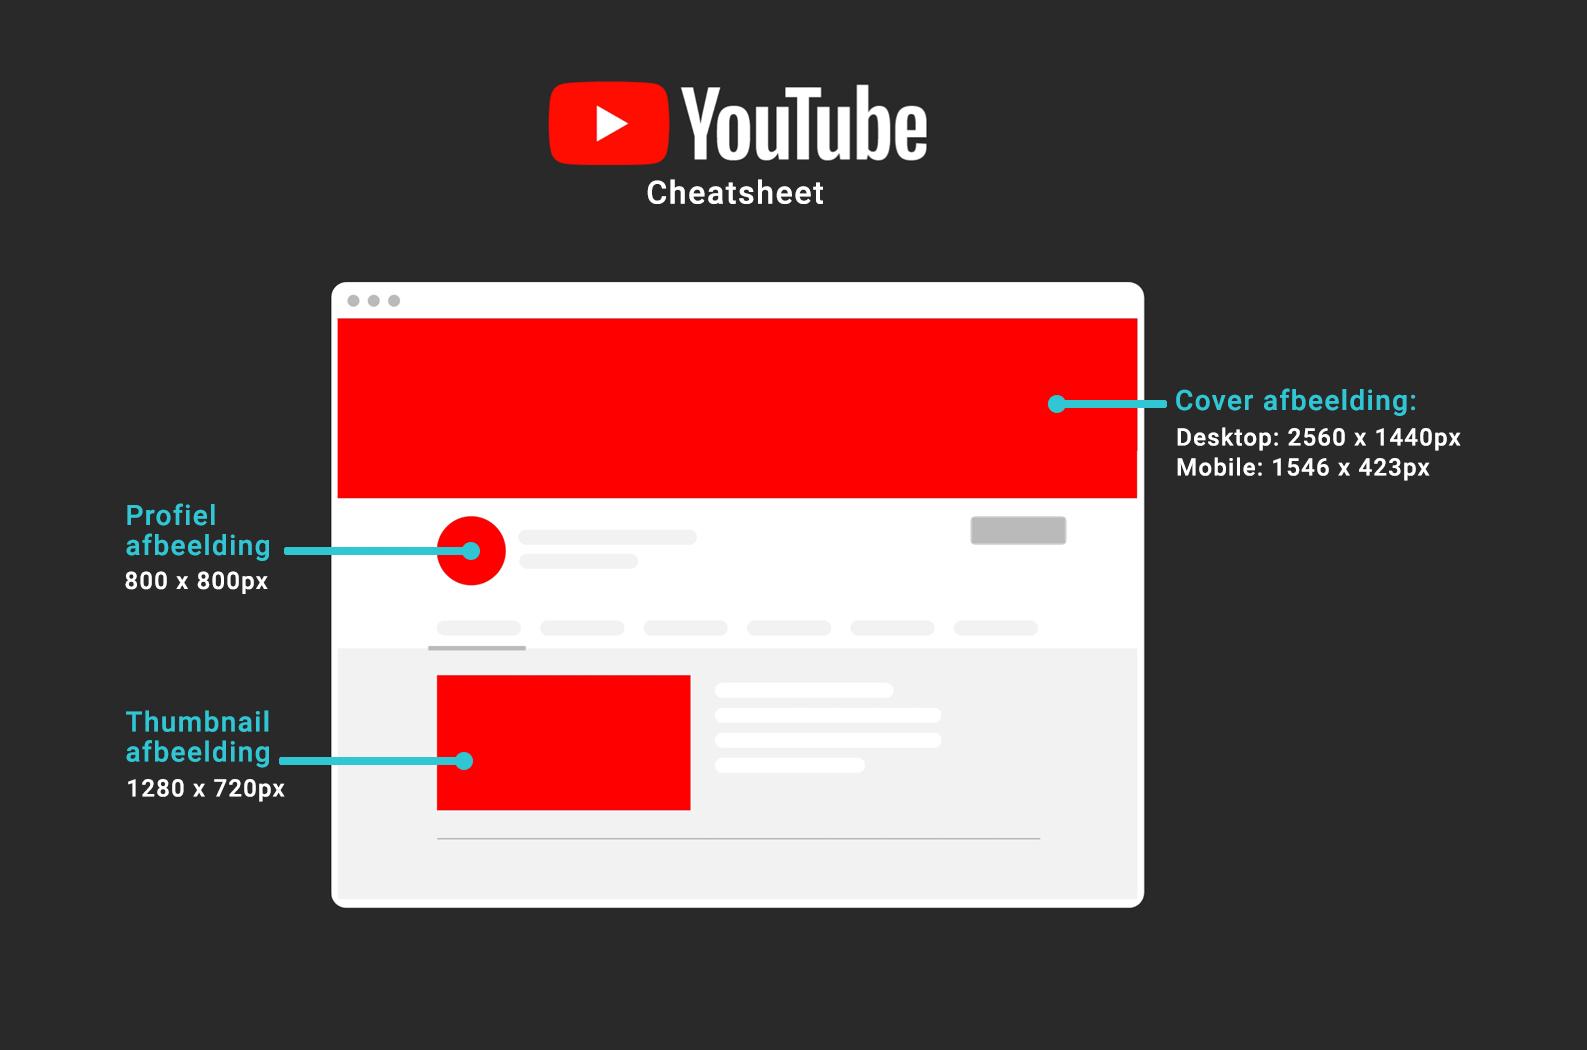 WeDigital_YouTube_Afmetingen_Sizes_Cheatsheet